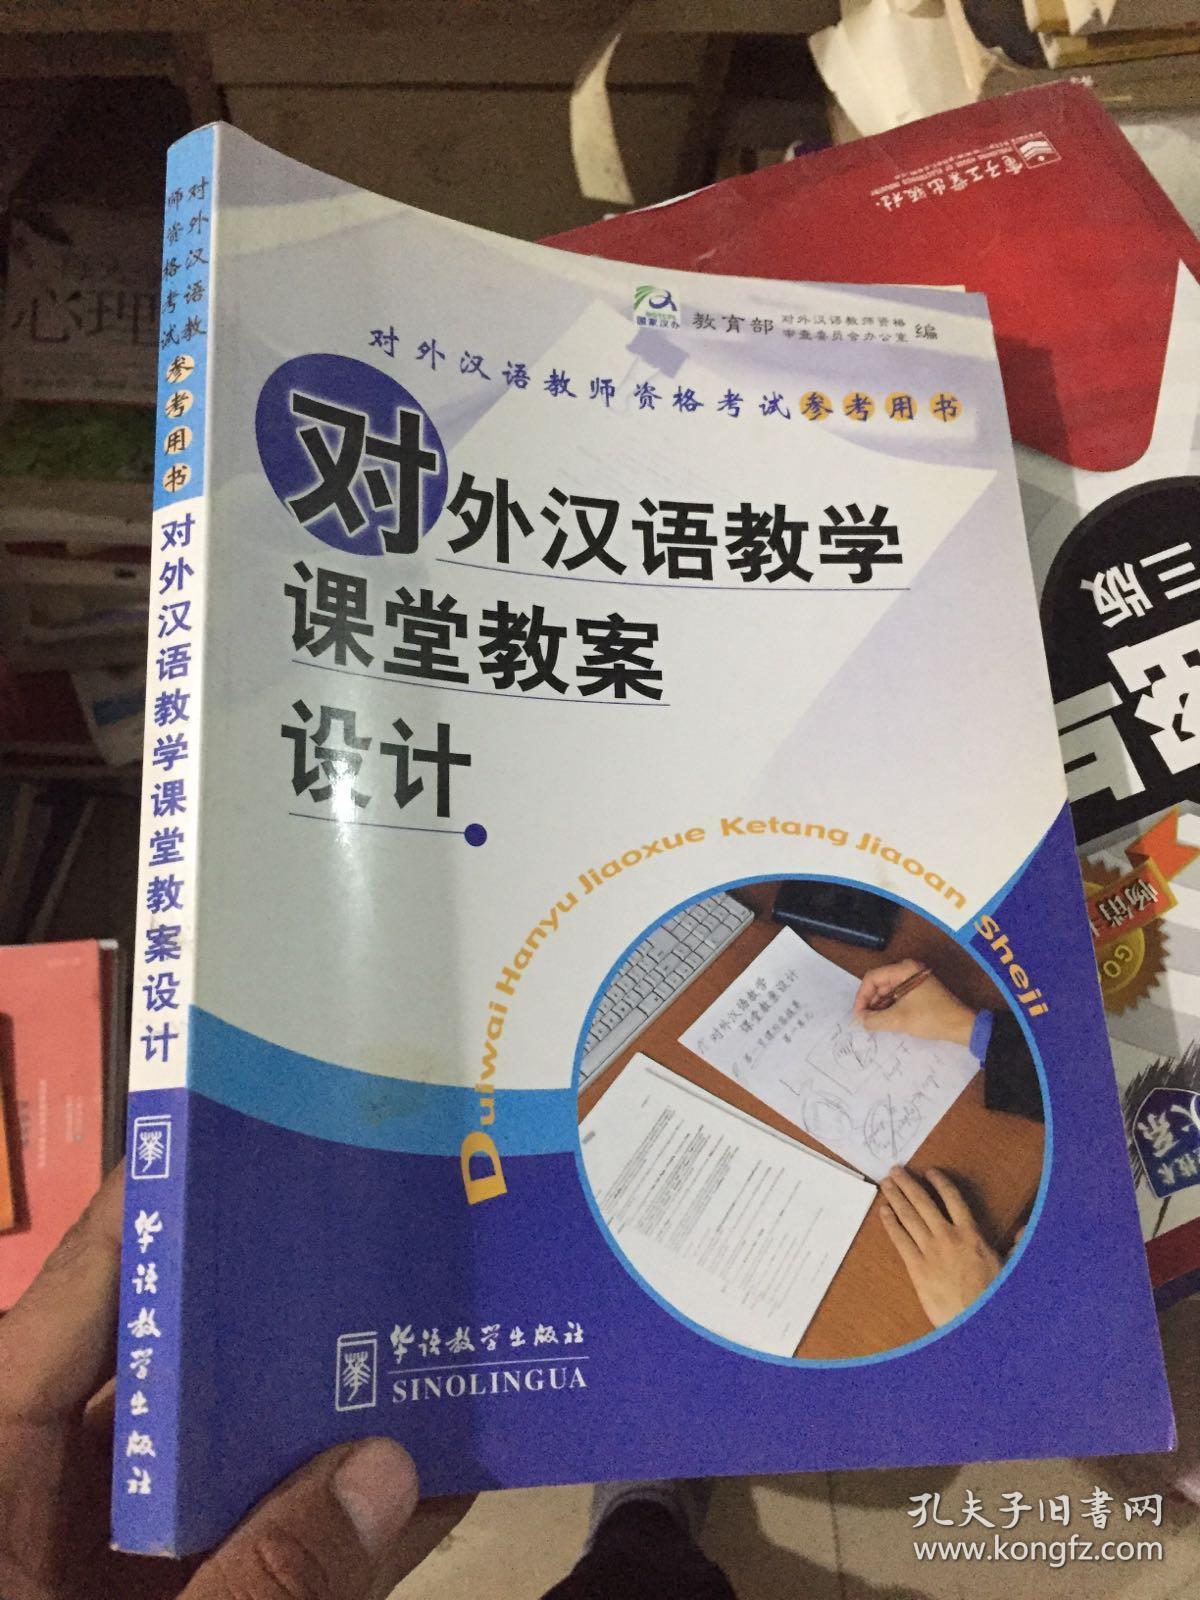 设计汉语教学集体教案对外/对外汉语教师资格一下第一课堂认识单元图形备课图片